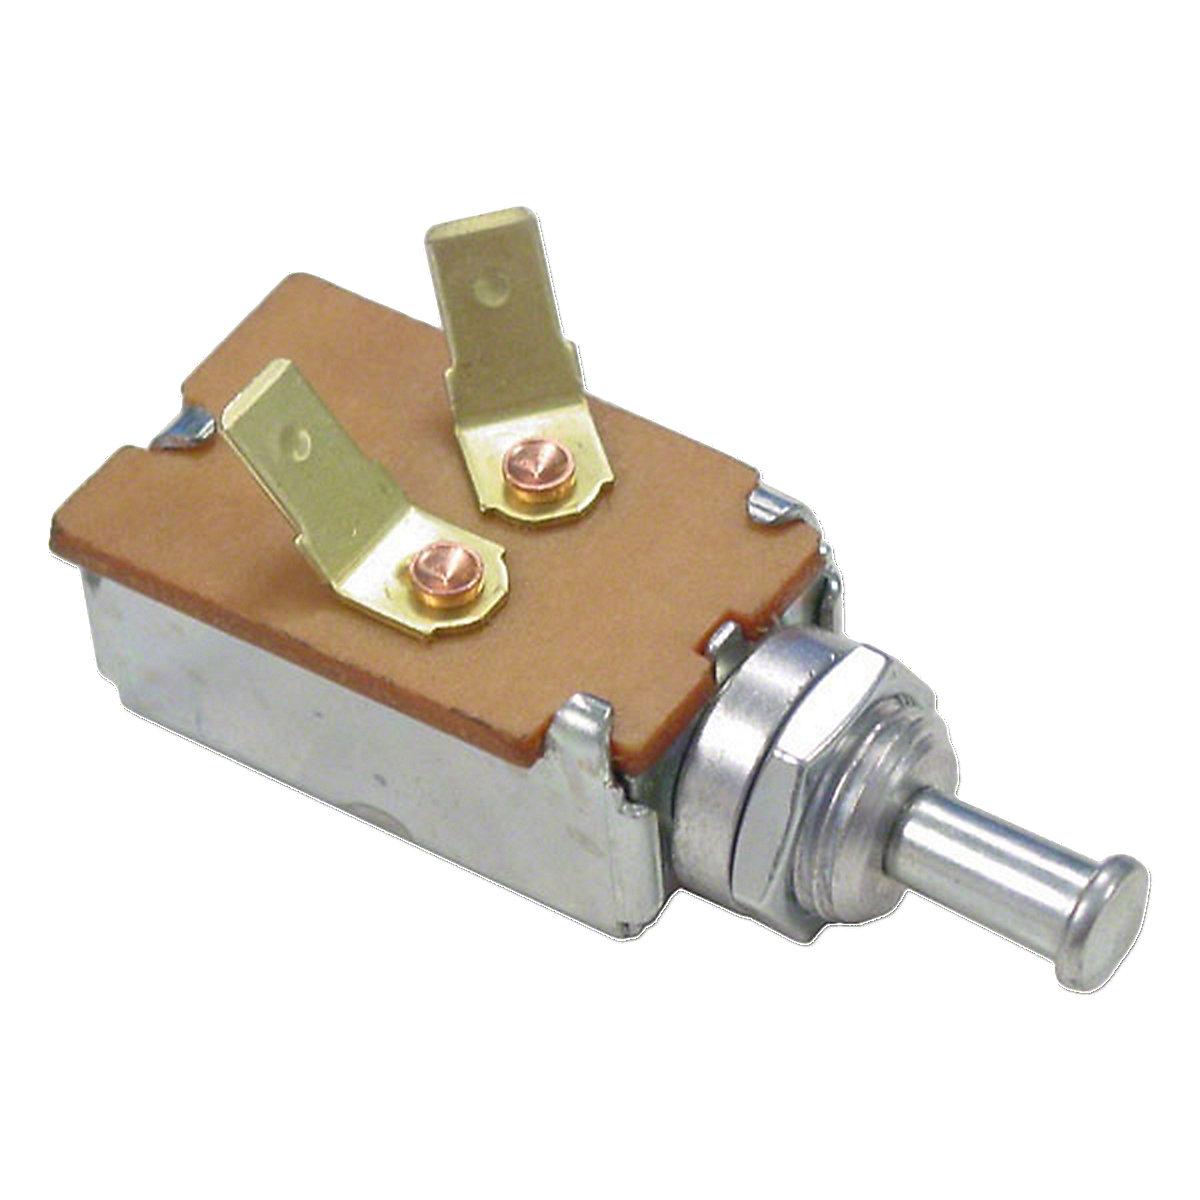 Light Switch For Allis Chalmers: 190XT, D10, D12, D14, D15, D17, D19, D21, 190.